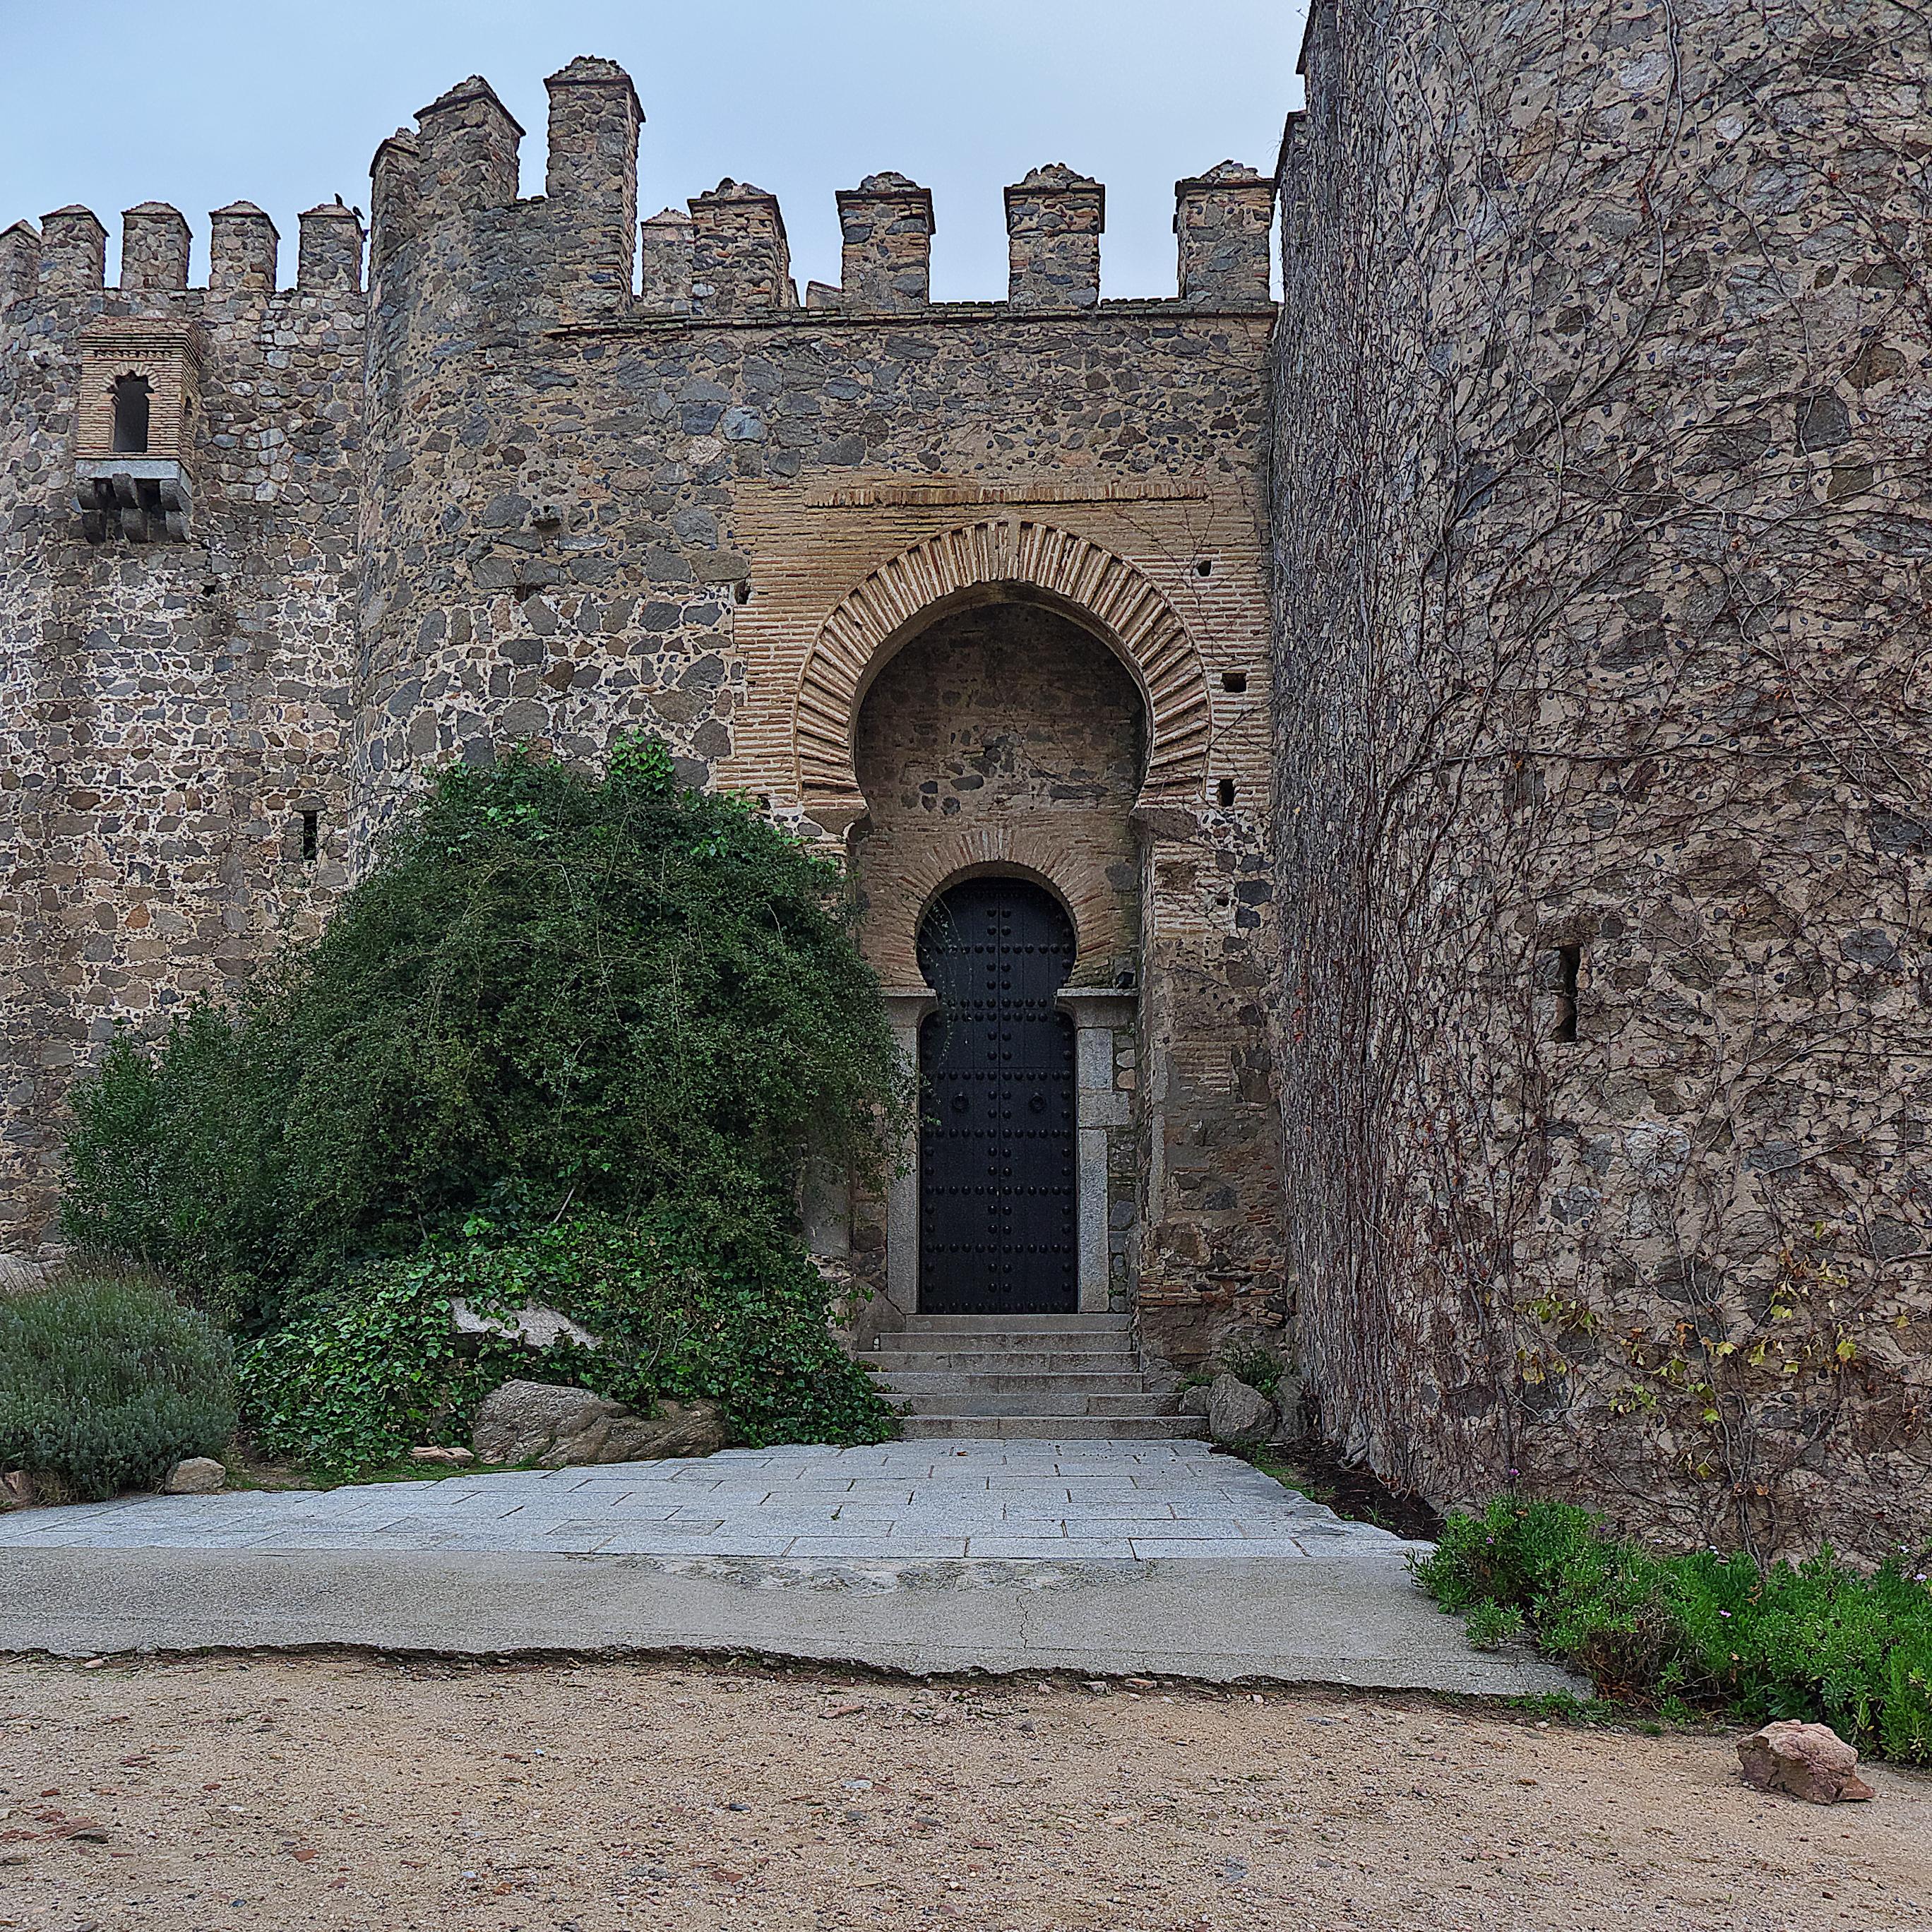 File:Castillo de San Servando (Toledo). Portal.jpg